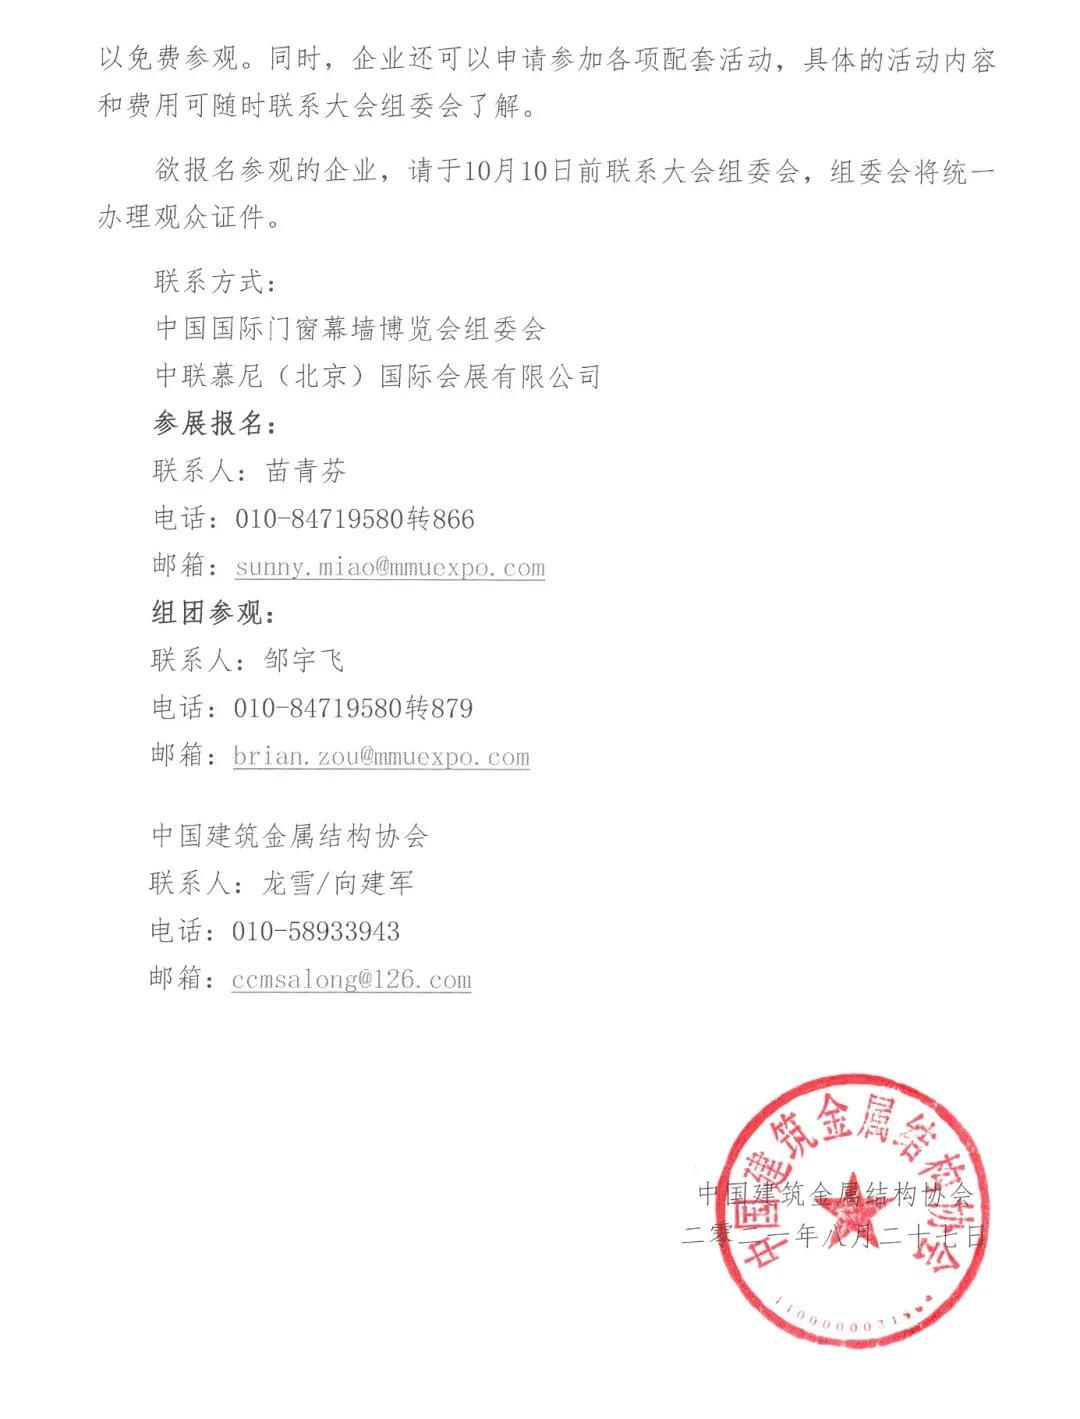 """【中建金协】关于邀请组团参观""""FBC中国国际门窗幕墙博览会""""及相关活动的通知"""